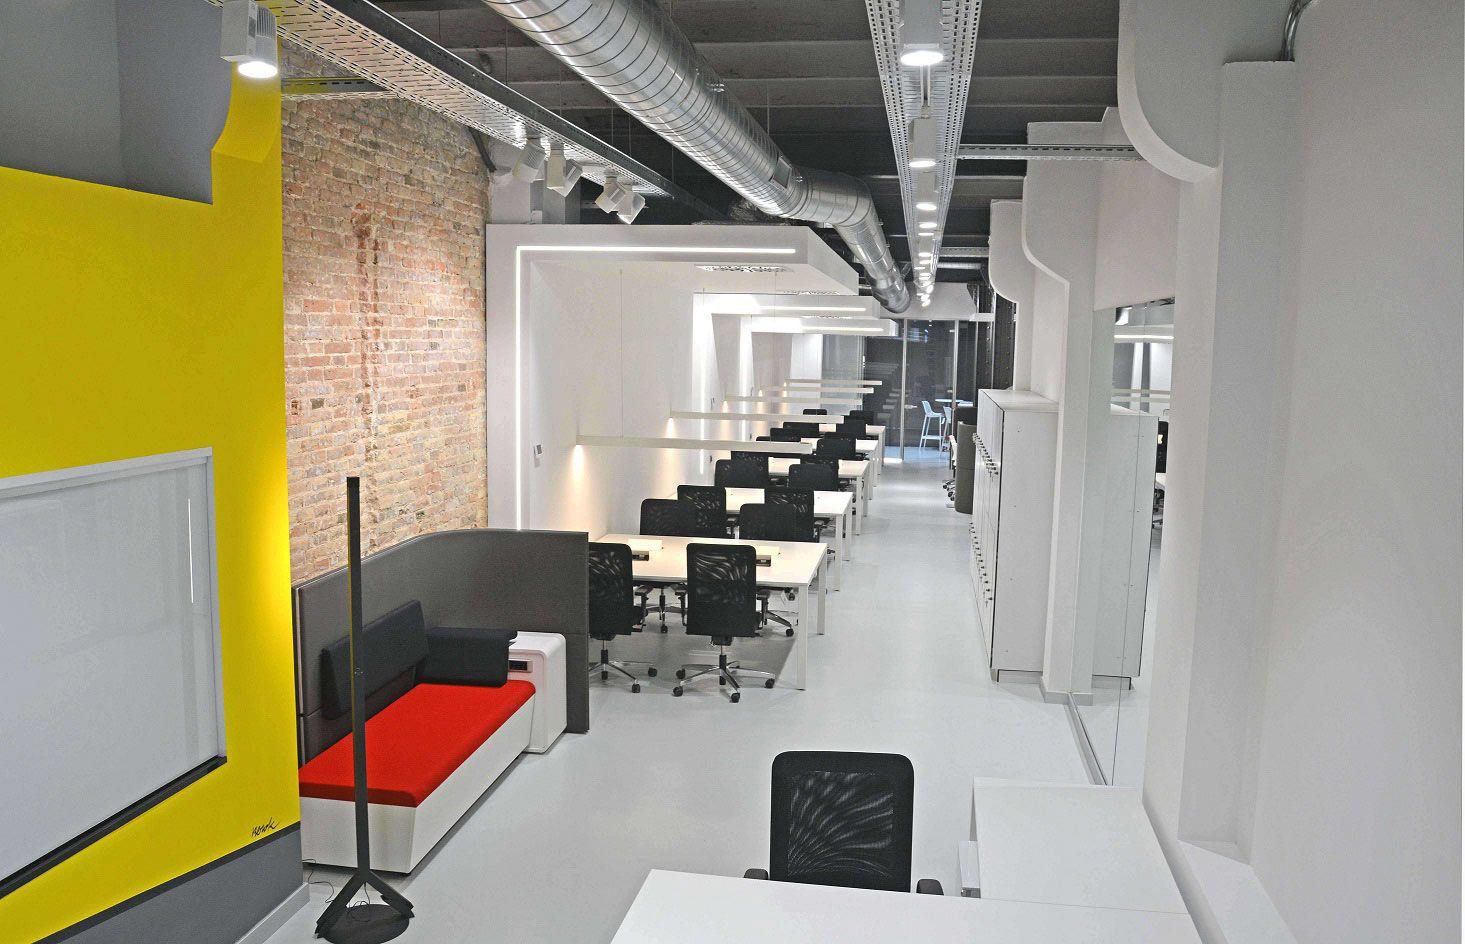 Reformas de oficinas en barcelona prodeca barcelona for Oficinas de fecsa endesa en barcelona